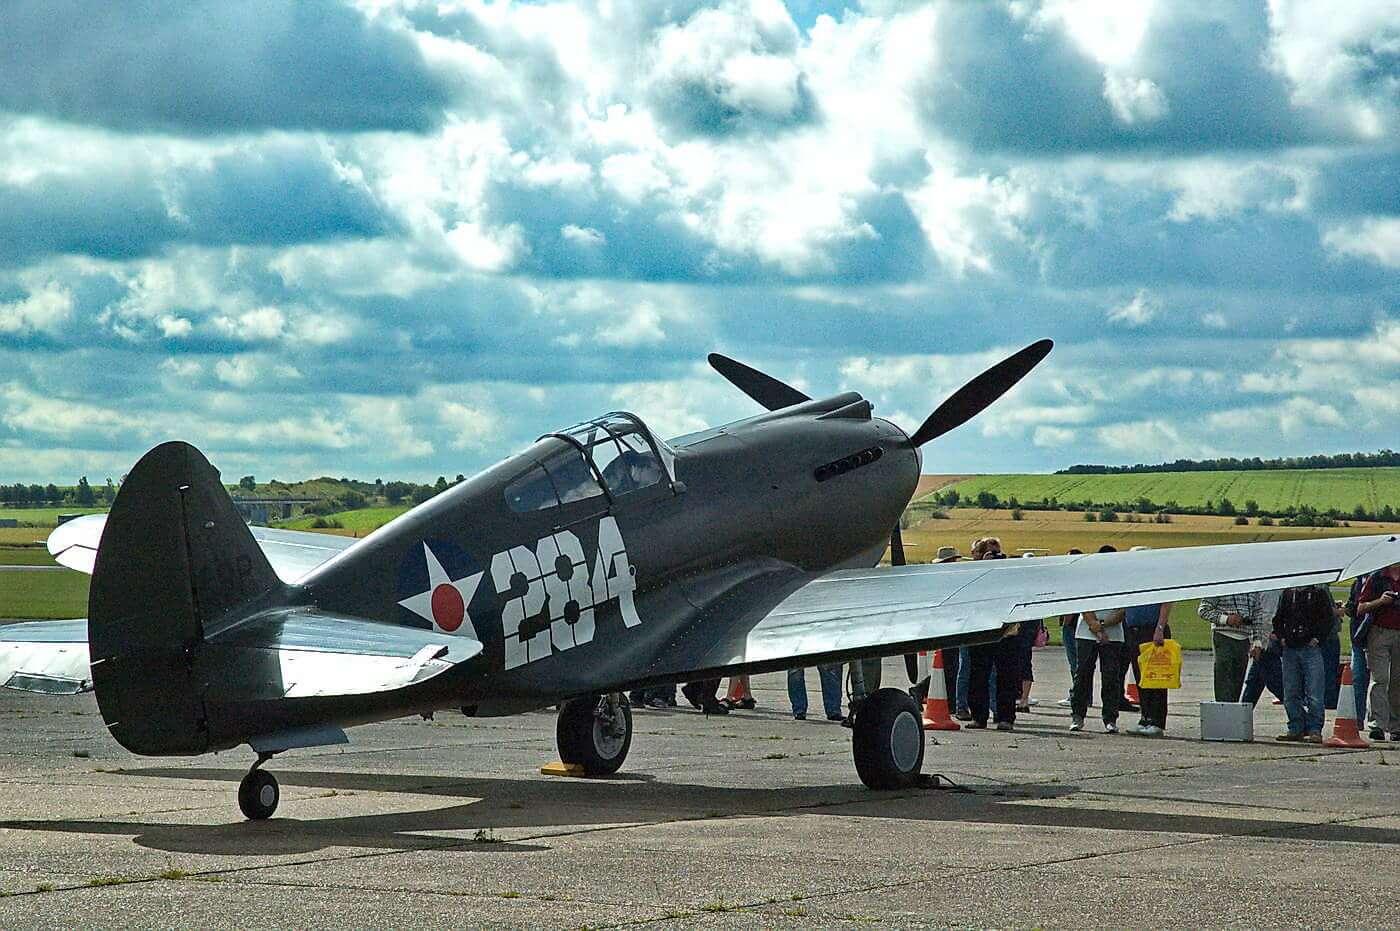 Curtiss P-40B - Warhawk 41-13297